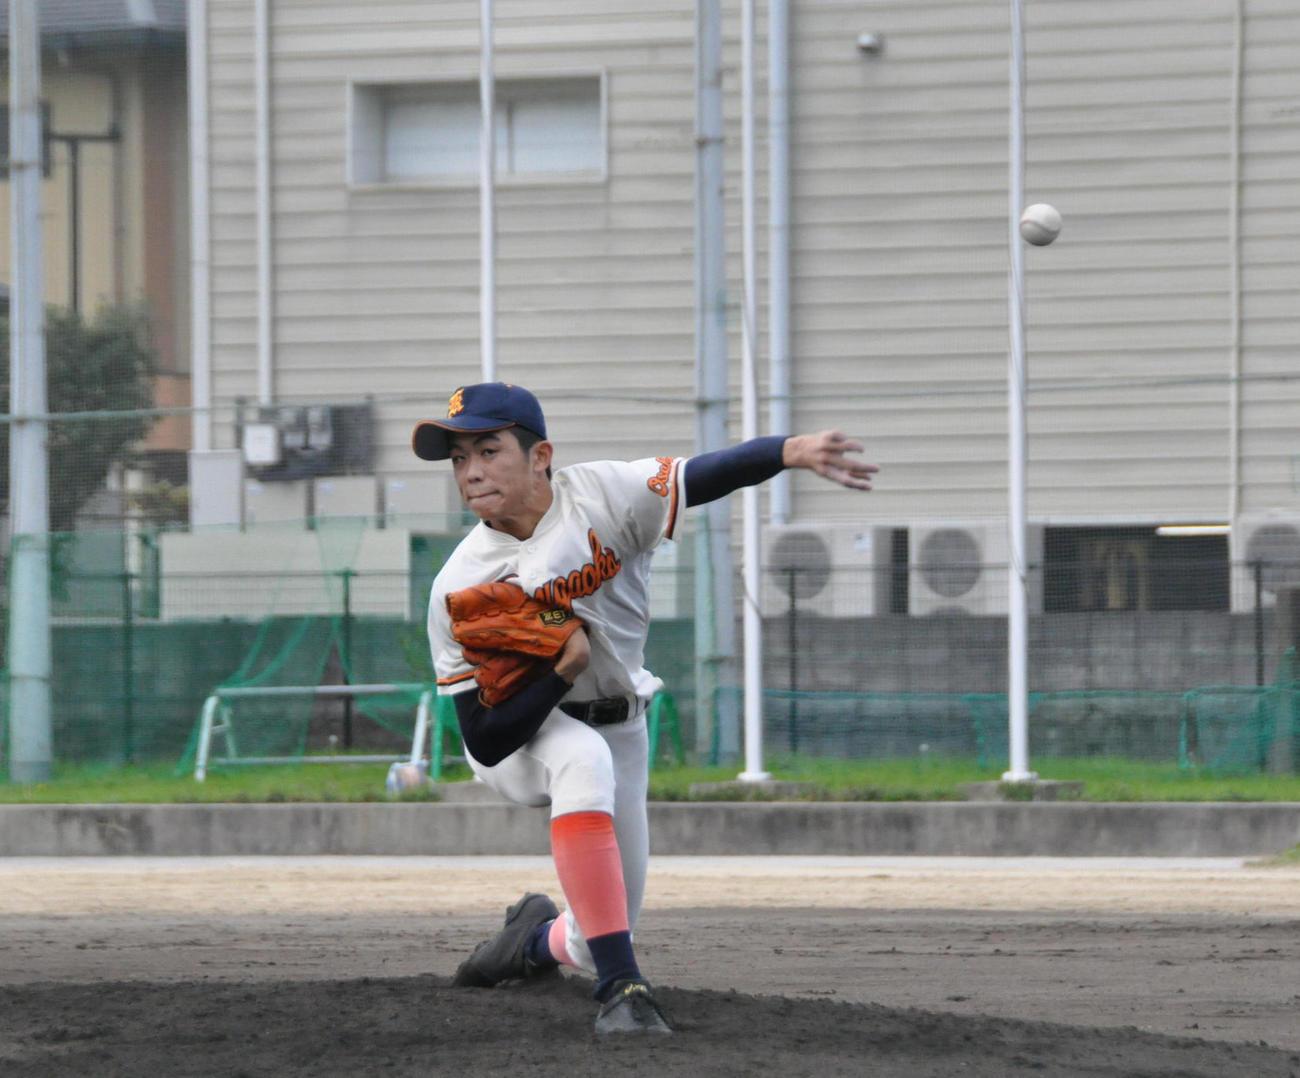 練習試合・春日丘対山田 春日丘先発の米満海玖人(みくと)投手(2年)